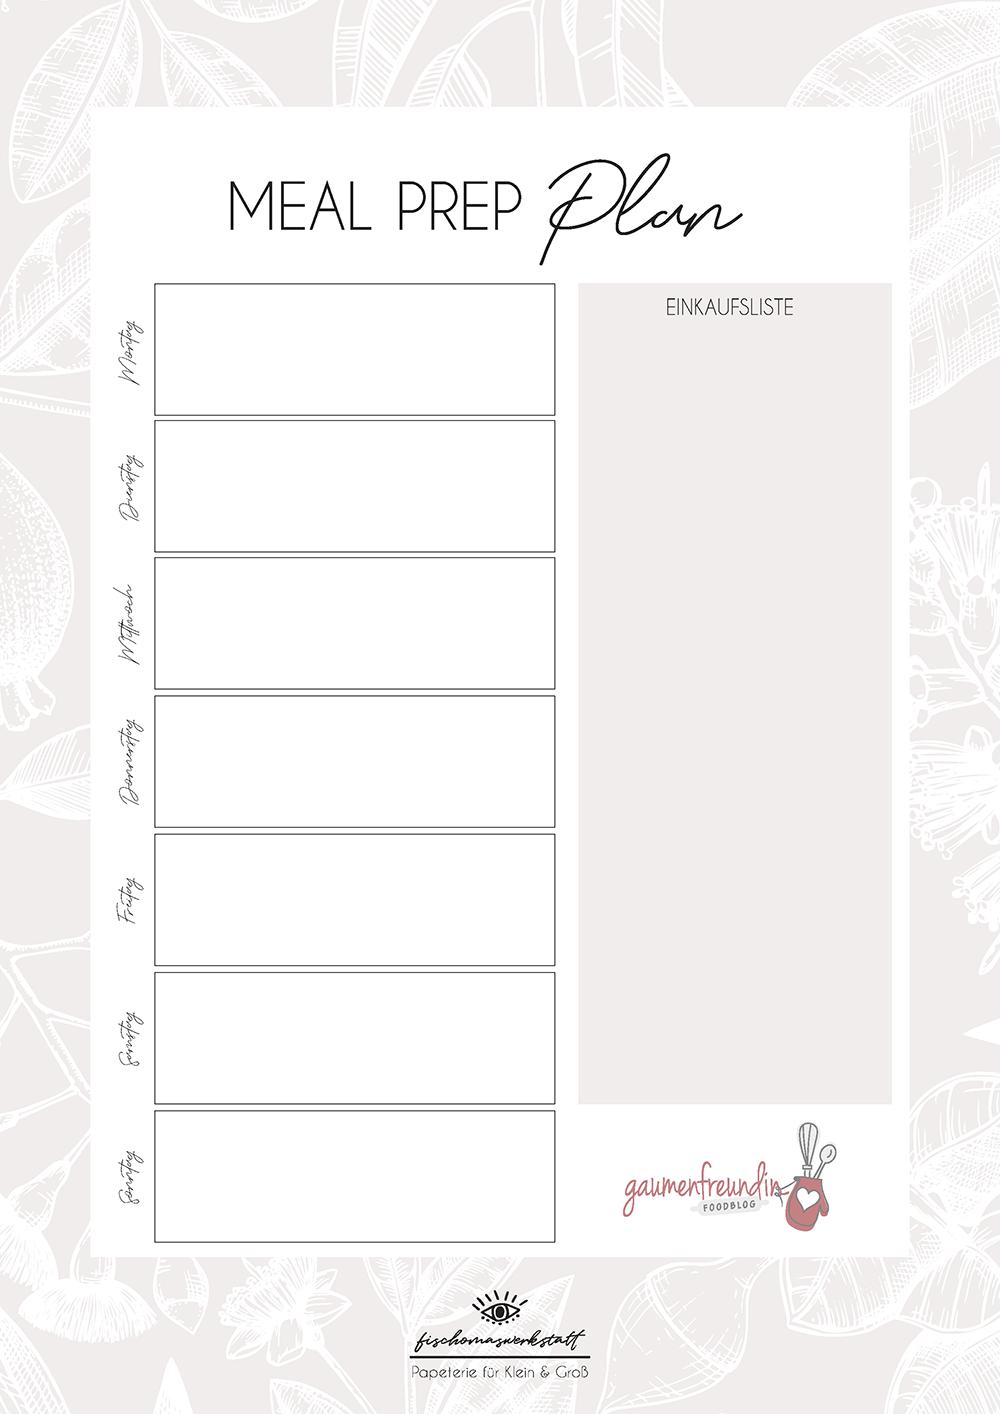 Gratis Meal Prep Wochenplan Vorlage mit Einkaufsliste - 1 - Gaumenfreundin Foodblog